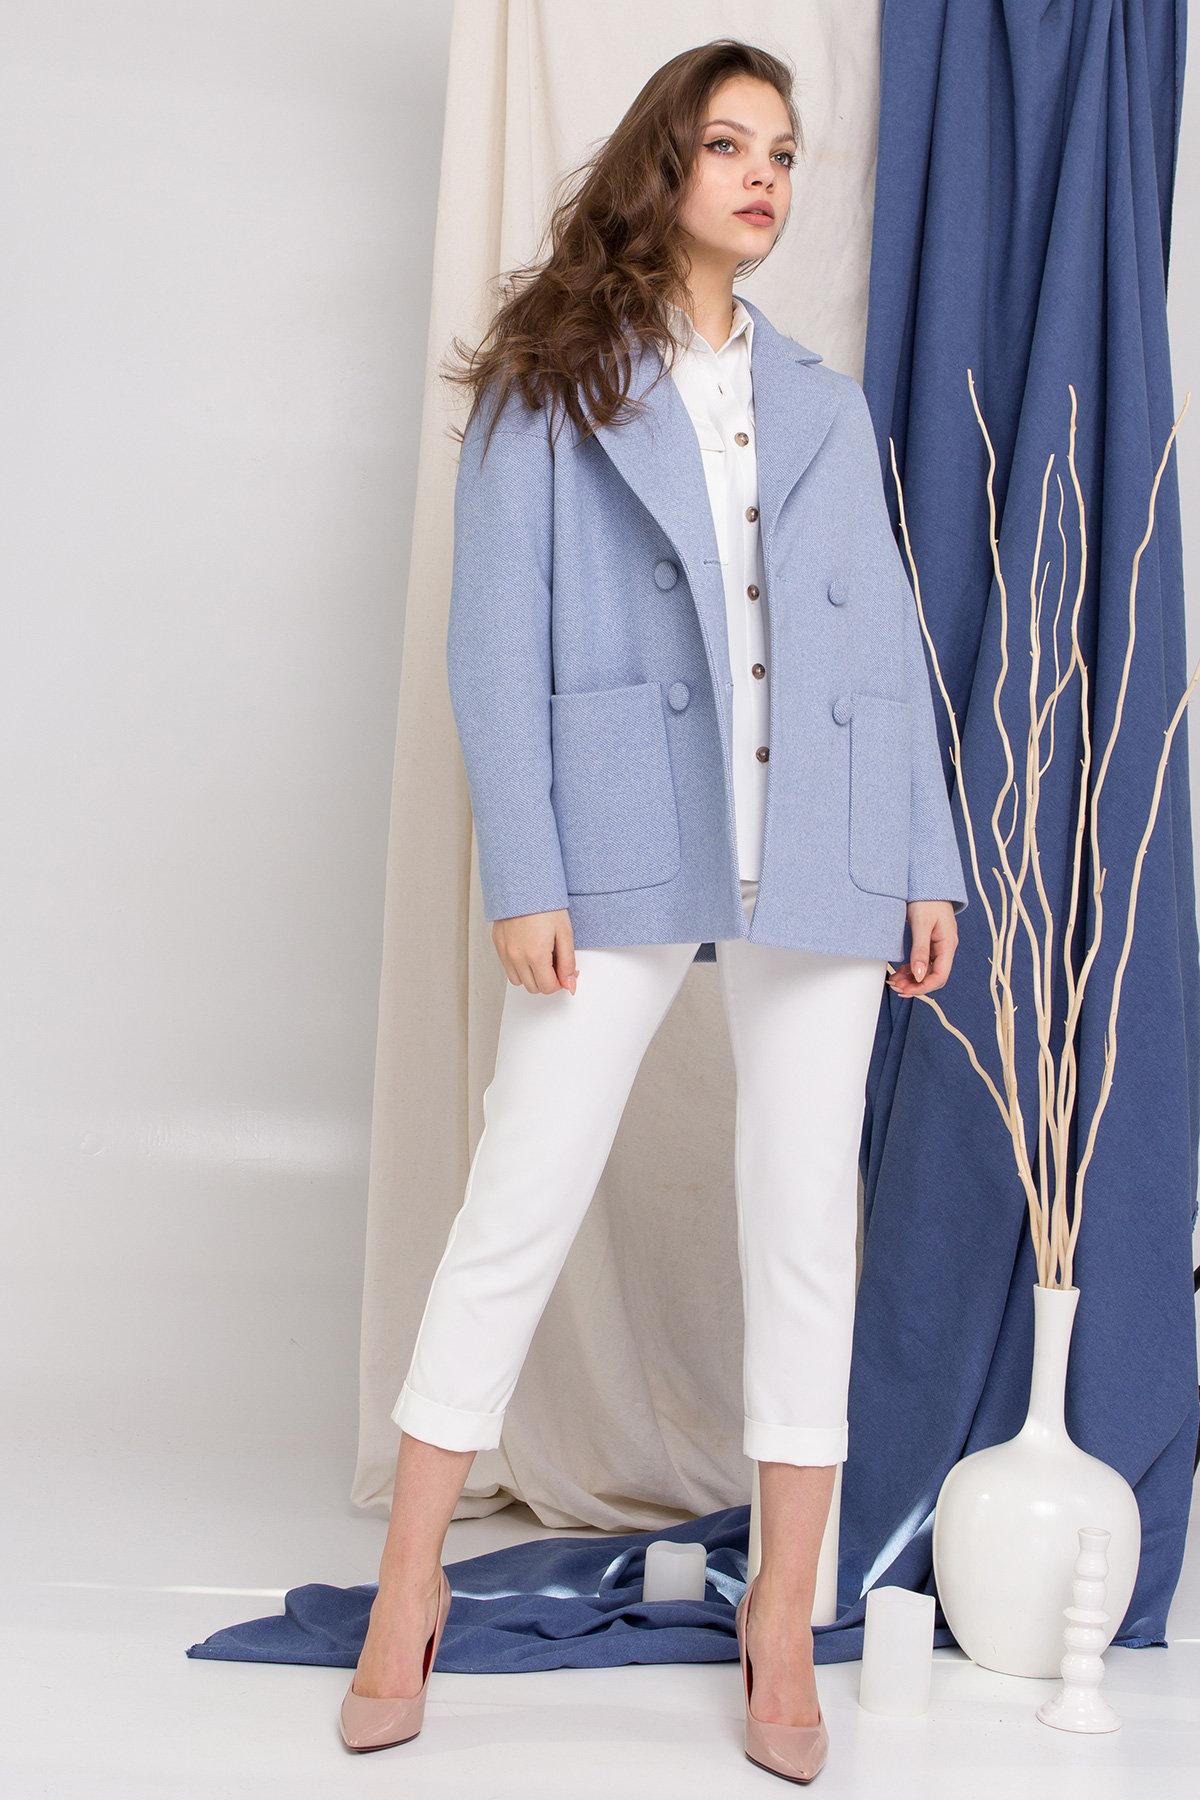 Пальто Мансера 8987 АРТ. 45304 Цвет: Голубой - фото 6, интернет магазин tm-modus.ru